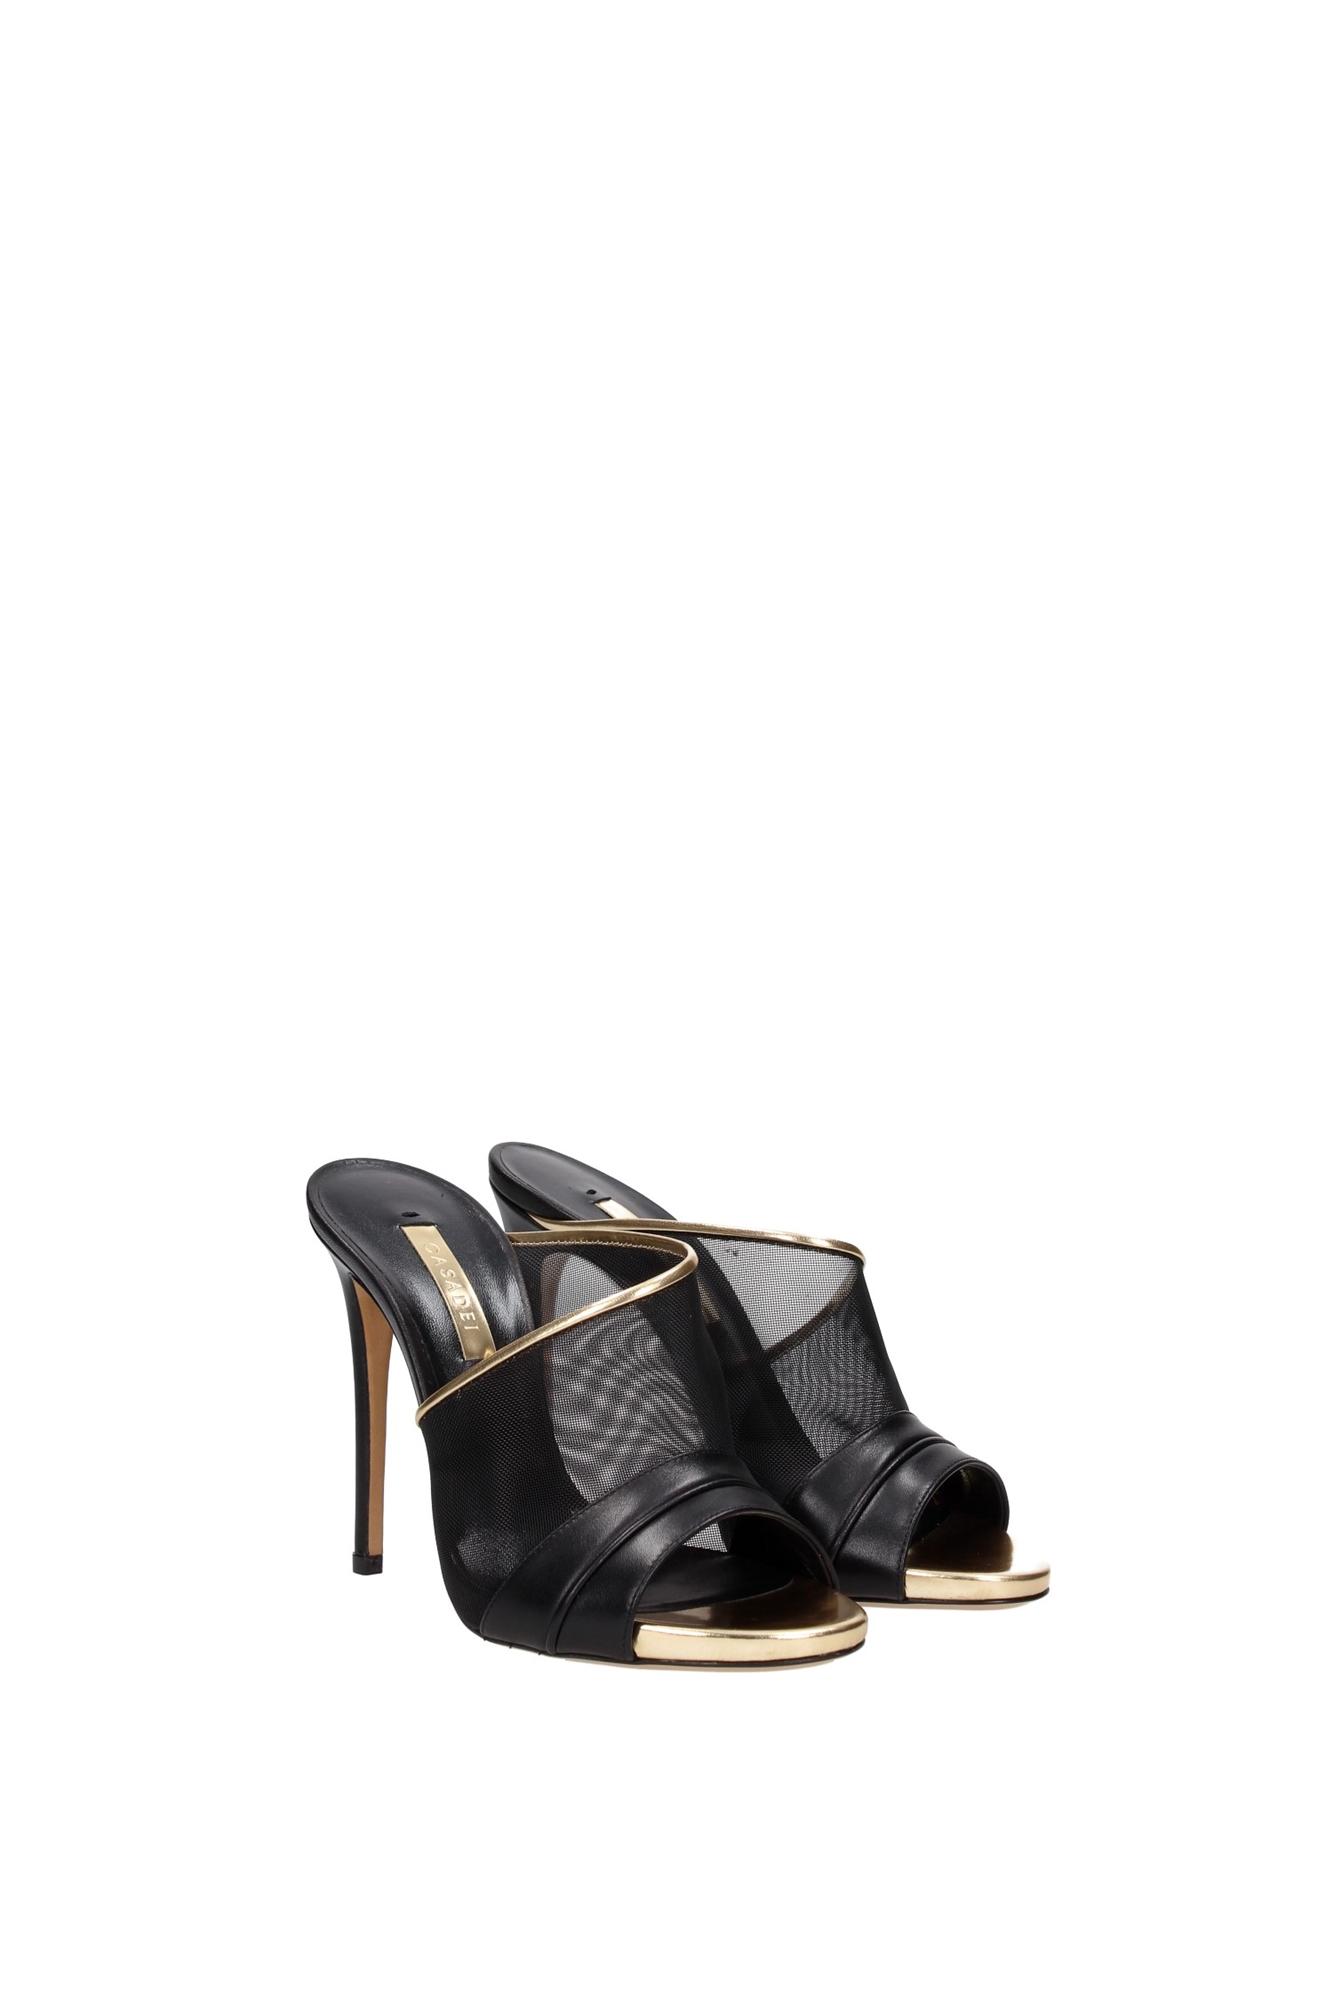 sandalen casadei damen leder schwarz 8007n123er2t432q12. Black Bedroom Furniture Sets. Home Design Ideas